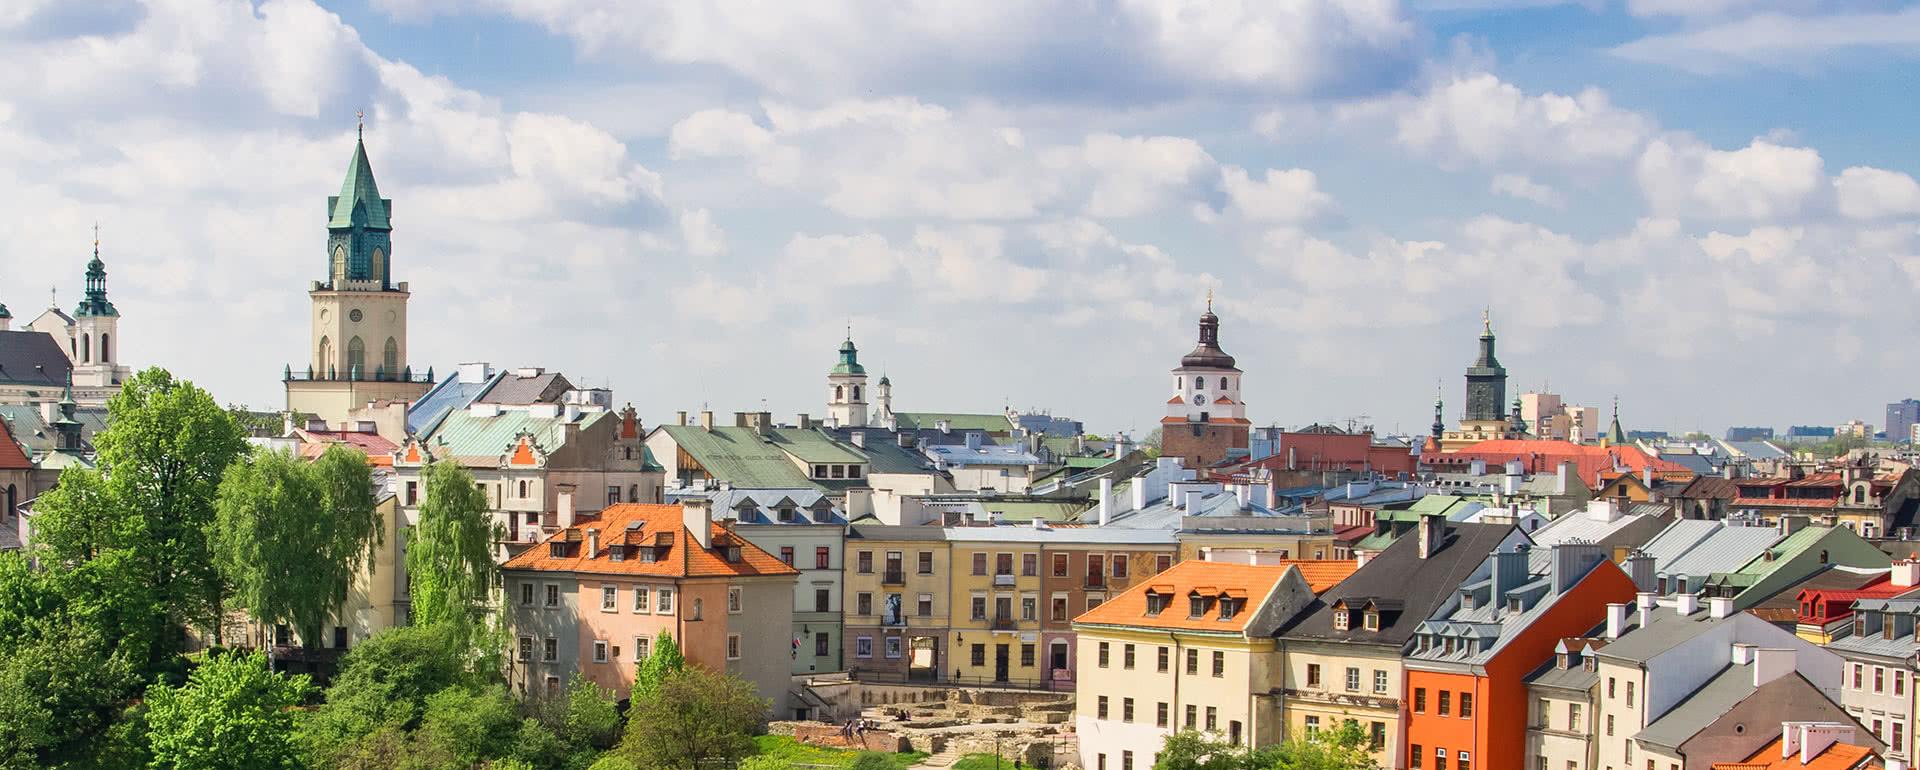 Titelbild von Lublin